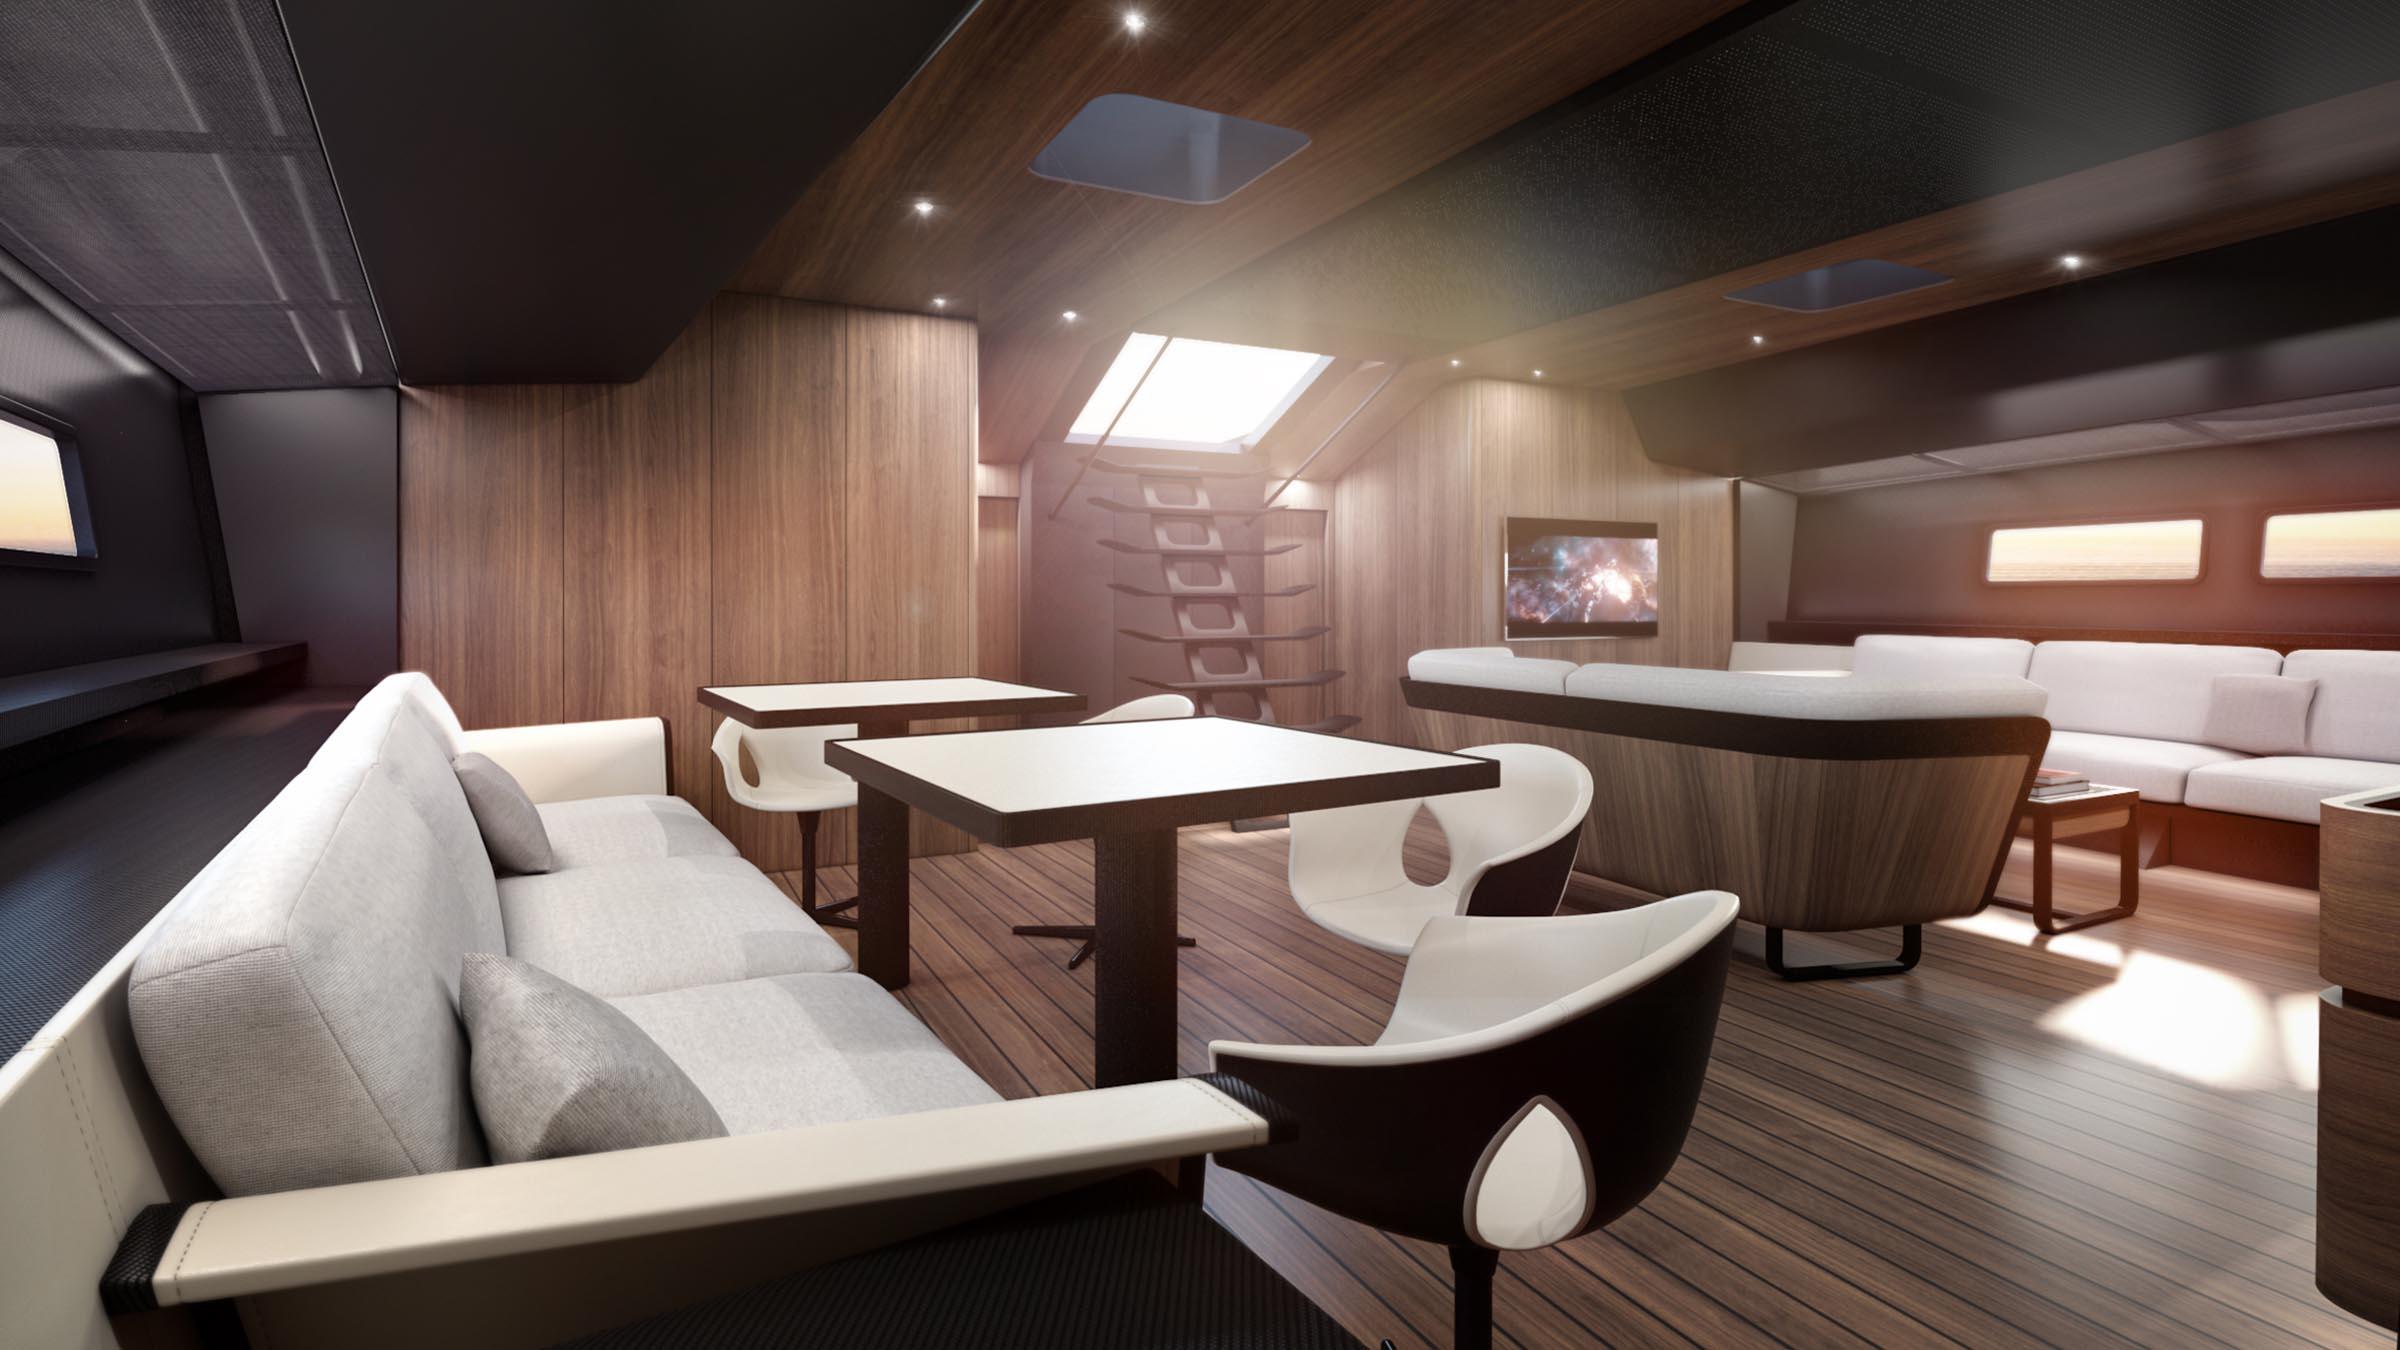 clibswan125-interior-2019-1.jpg